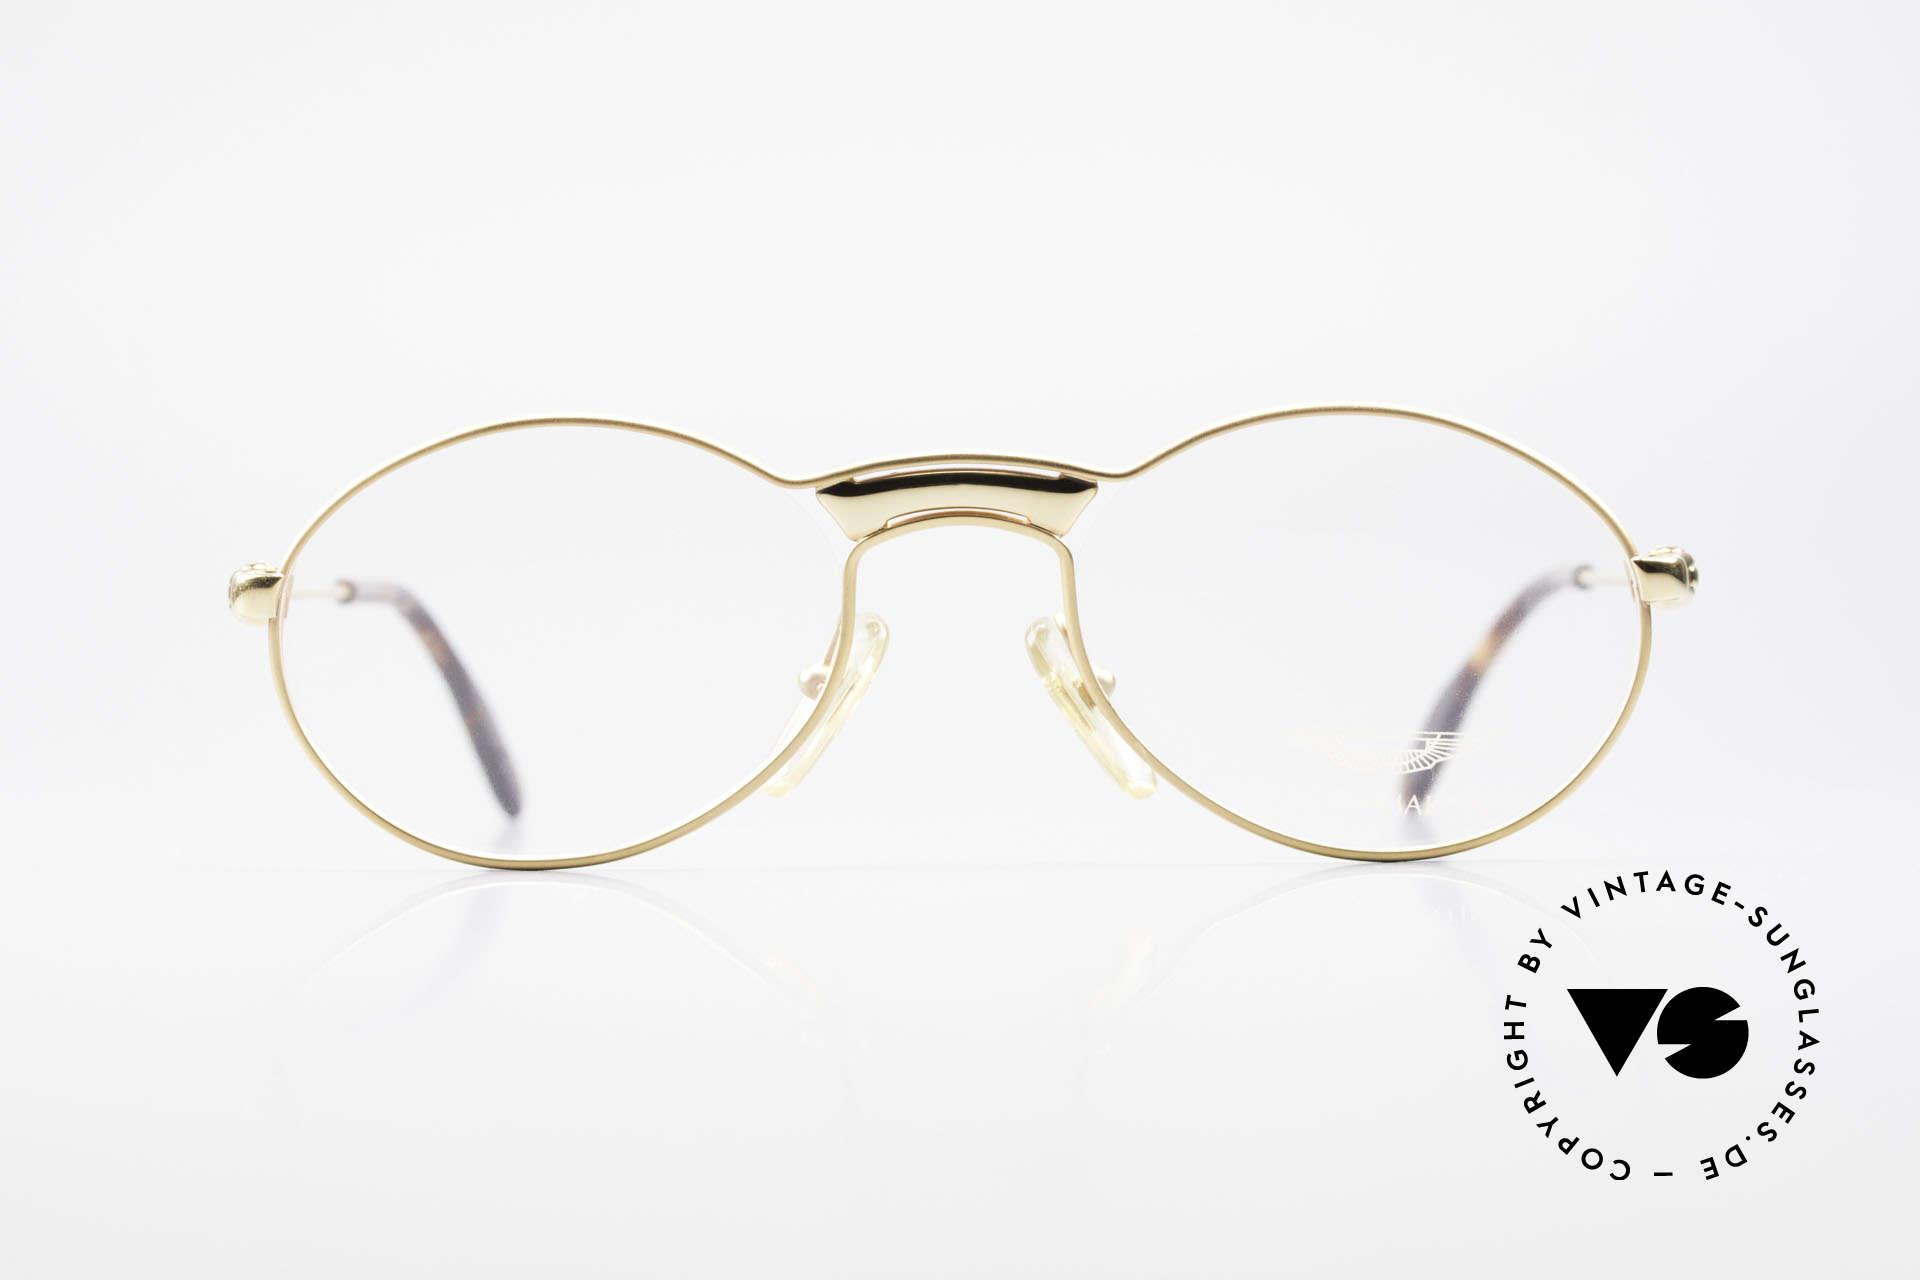 Aston Martin AM01 Ovale Brille Gentleman Style, Accessoire zu den Nobel-Sportwagen aus Great Britain, Passend für Herren